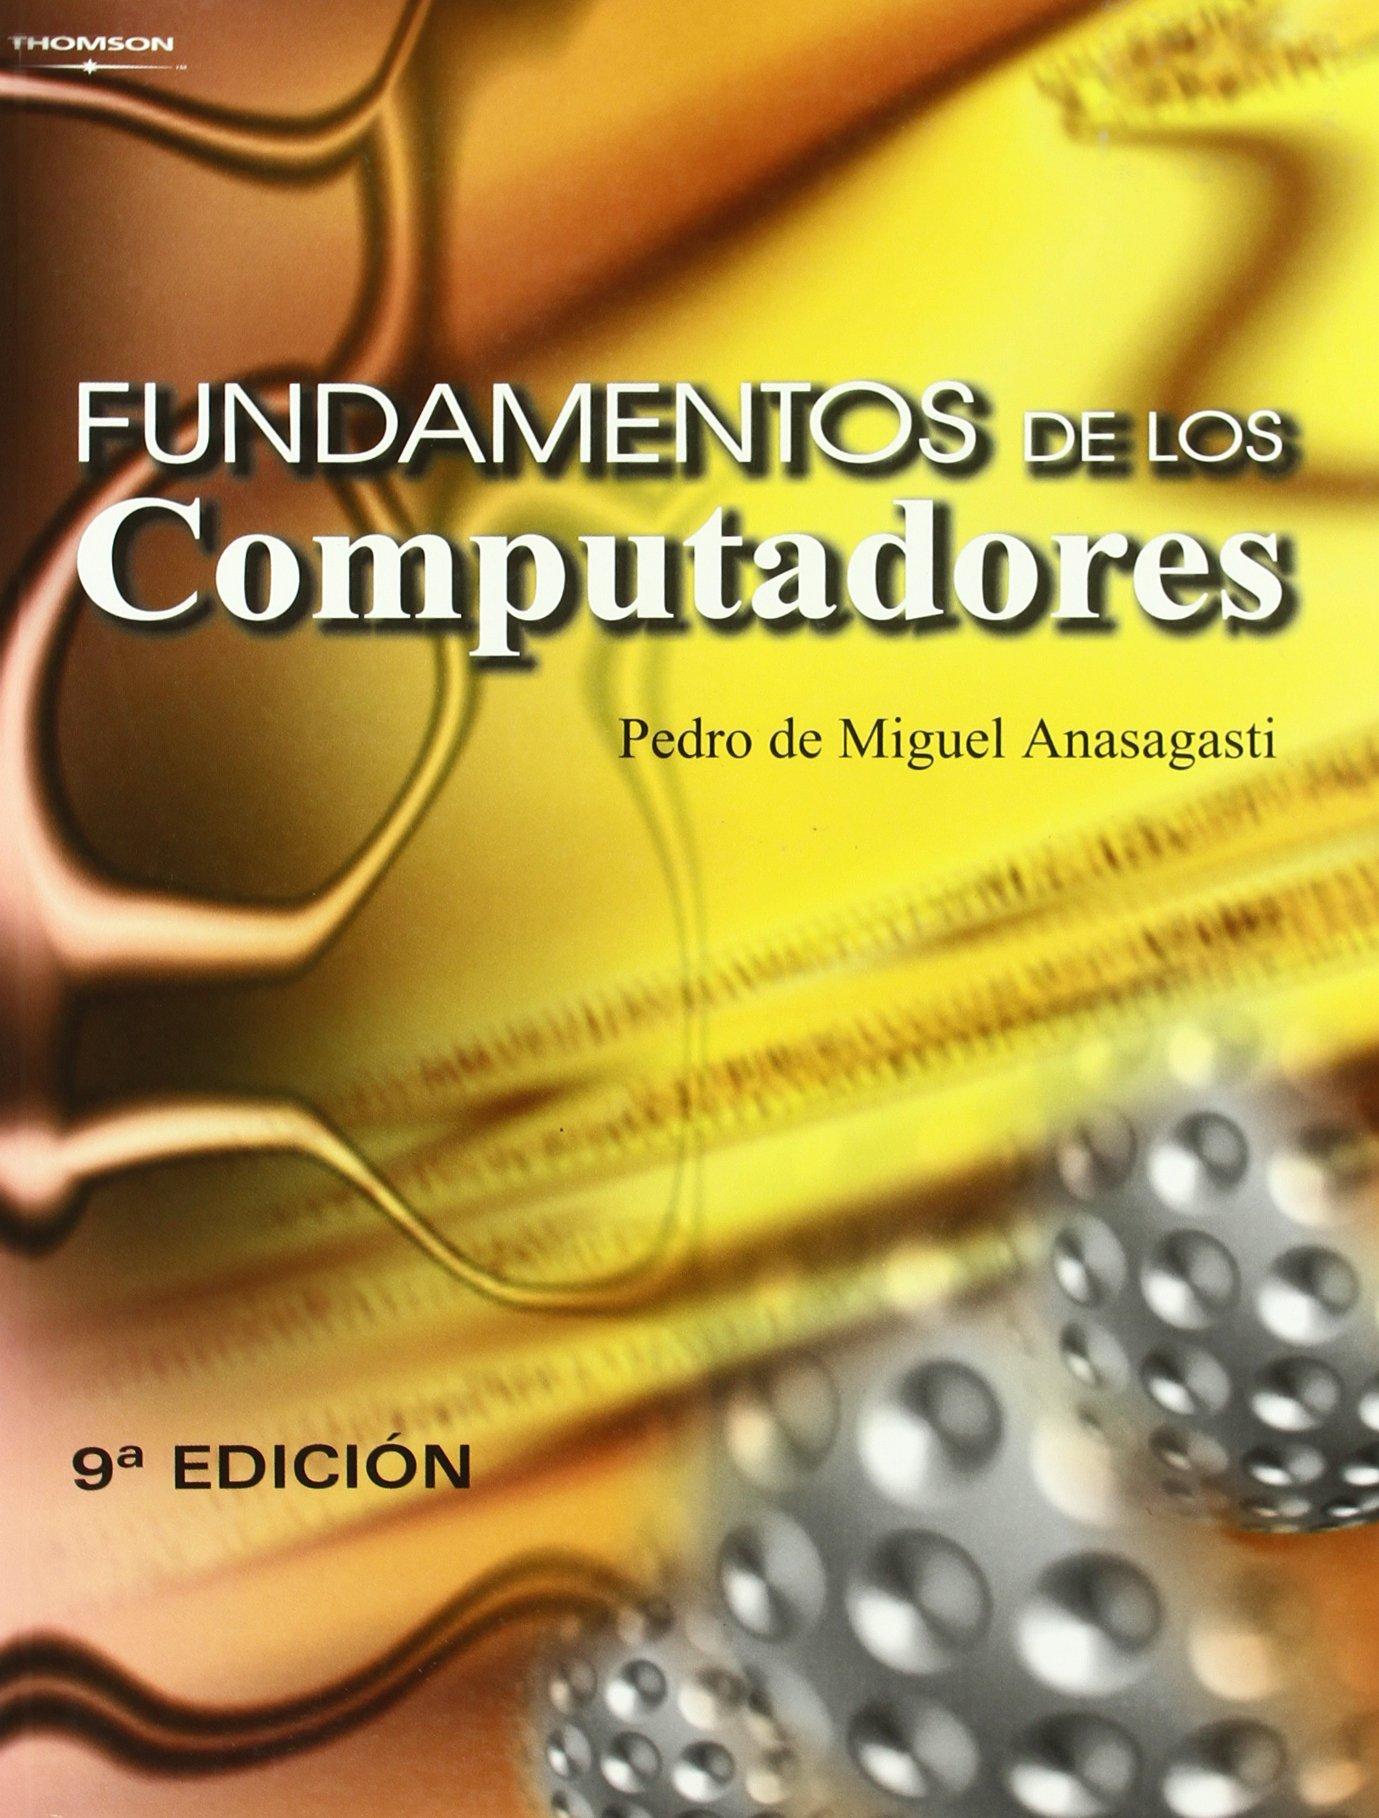 Fundamentos de los computadores Tapa blanda – 1 may 2004 PEDRO DE MIGUEL ANASAGASTI Ediciones Paraninfo S.A 8497322940